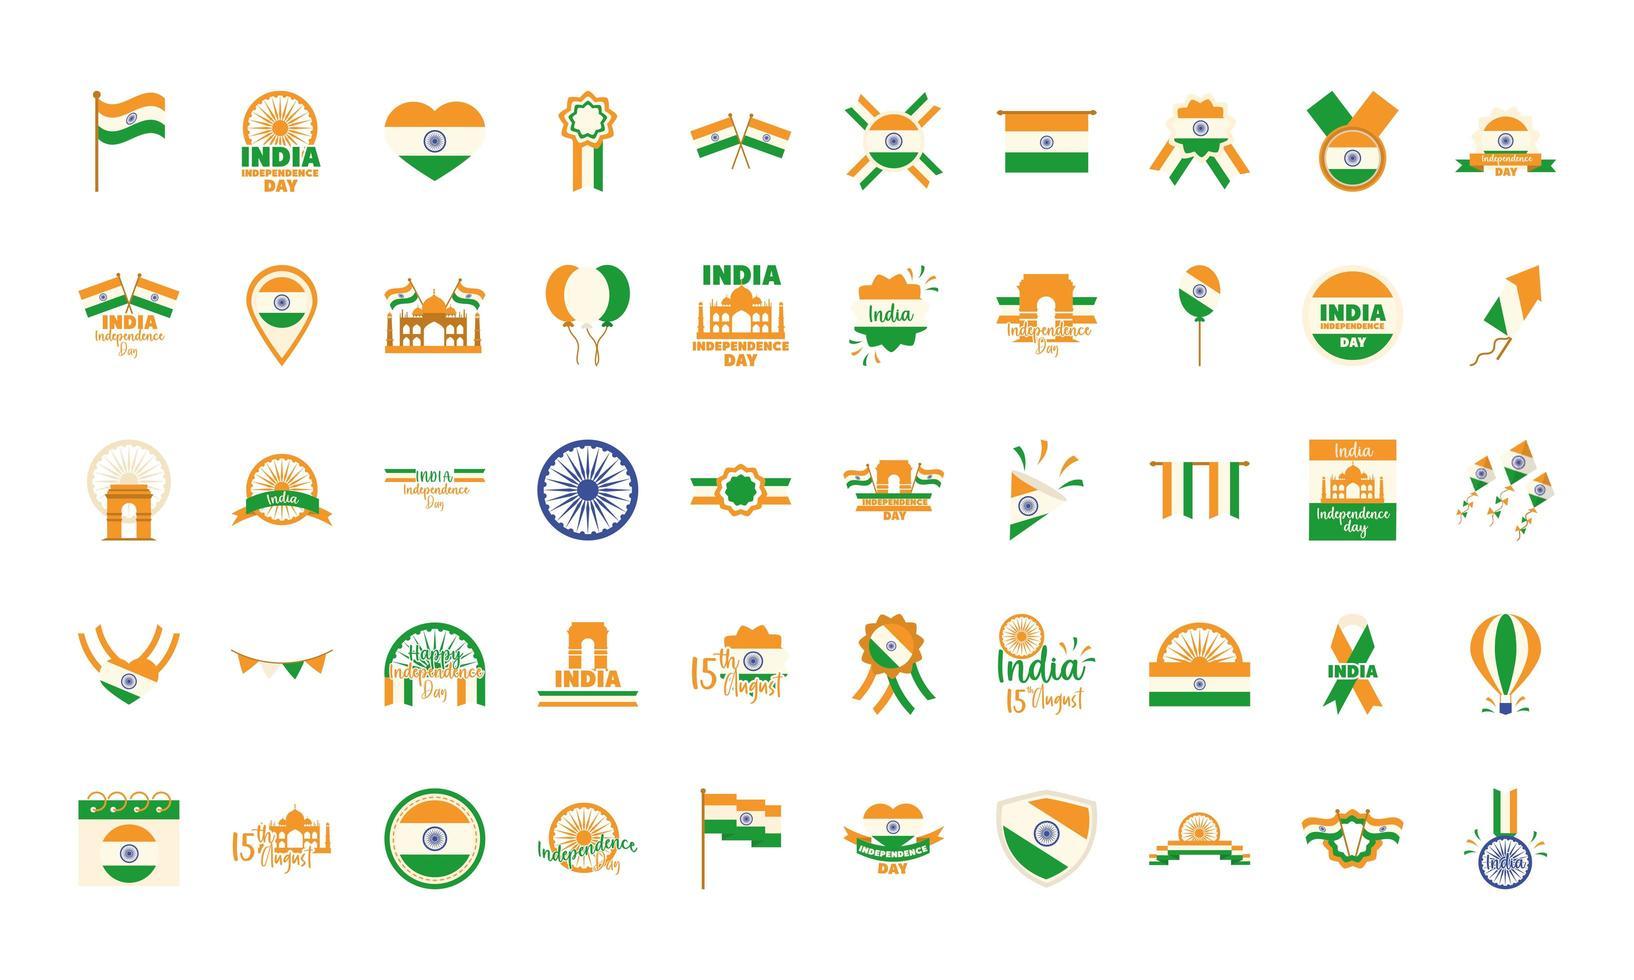 conjunto de ícones do dia da independência da índia vetor